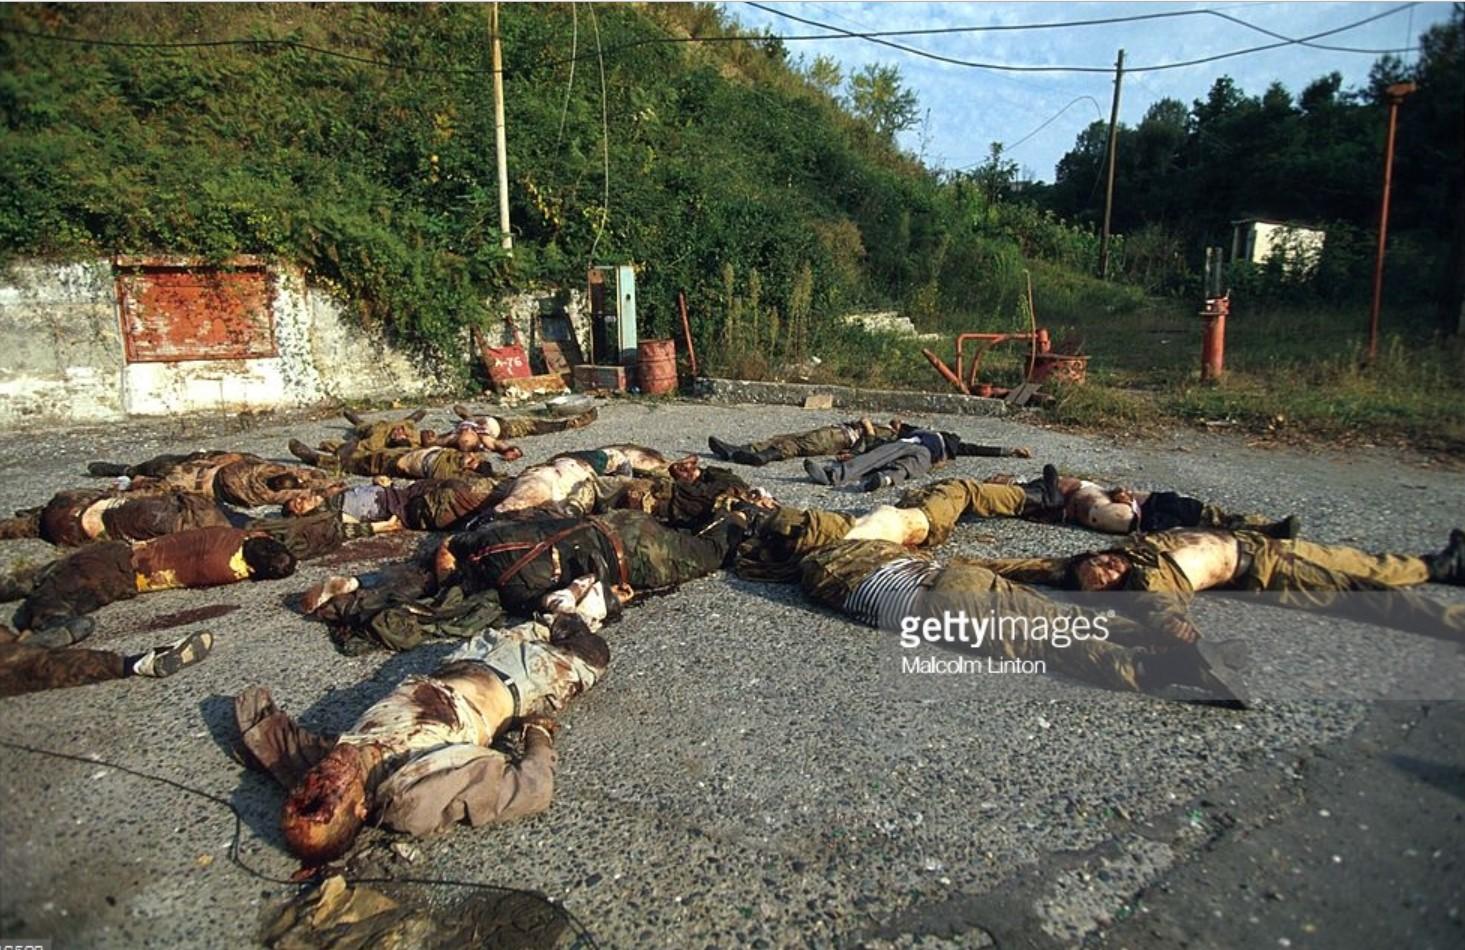 1993. 29 сентября. Сухуми. Мертвые грузинские солдаты лежат на тротуаре